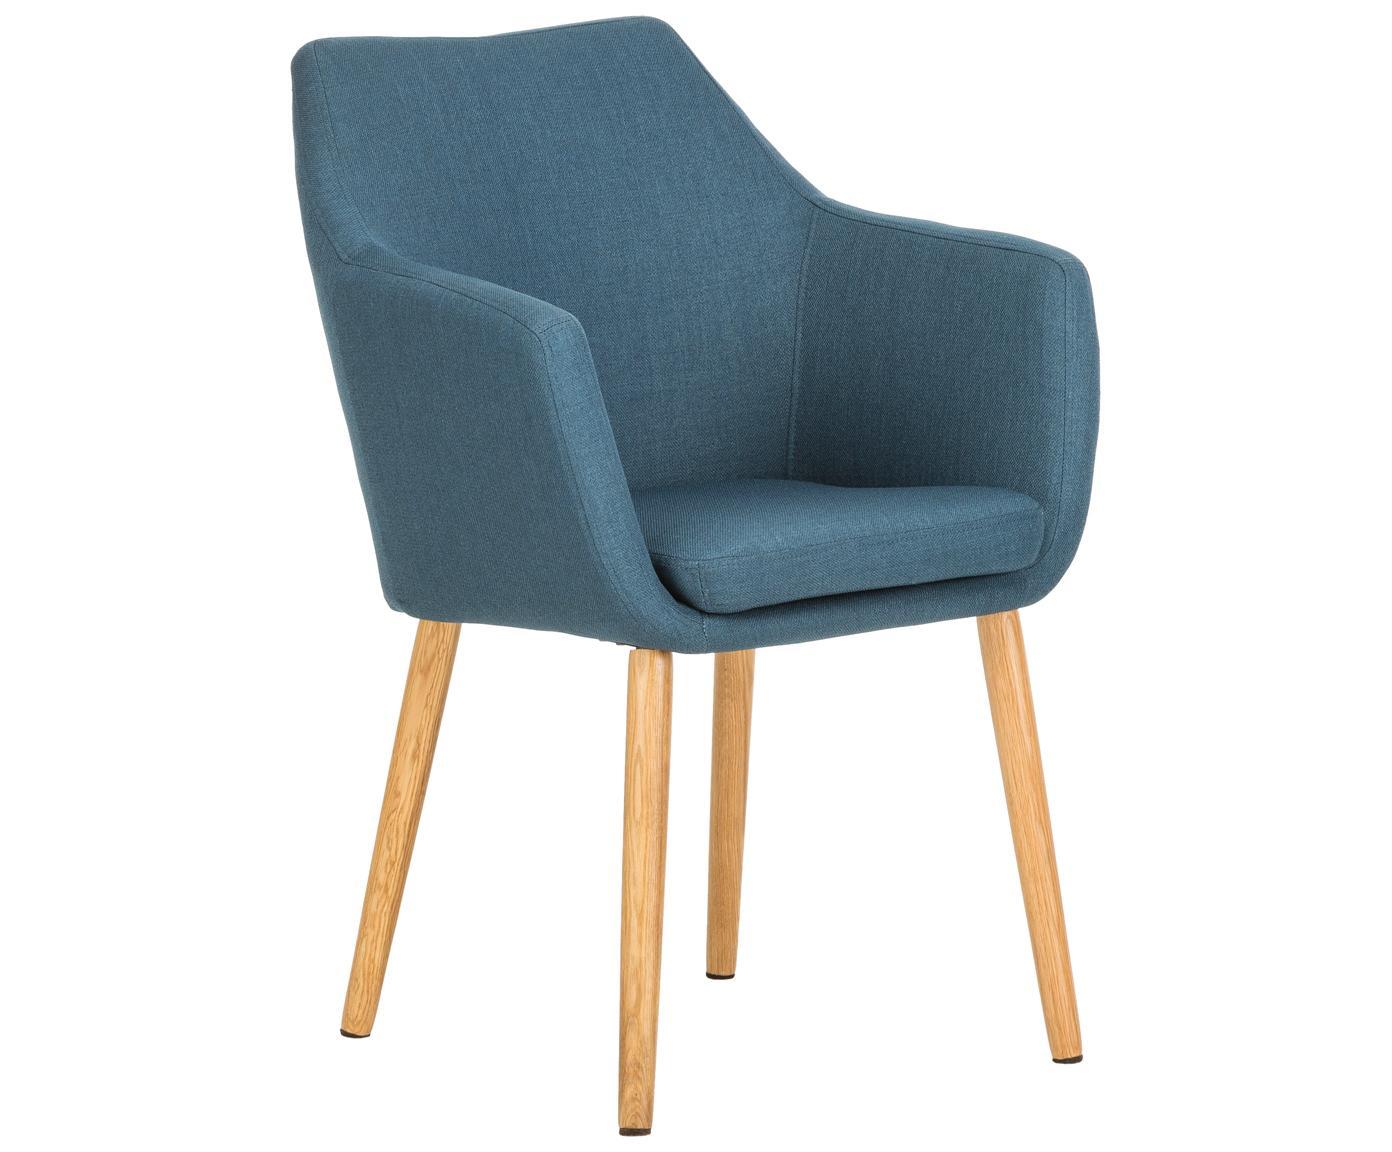 Sedia con braccioli  Nora, Rivestimento: 100% poliestere, Gambe: legno di quercia, Blu scuro, legno di quercia, Larg. 58 x Alt. 84 cm